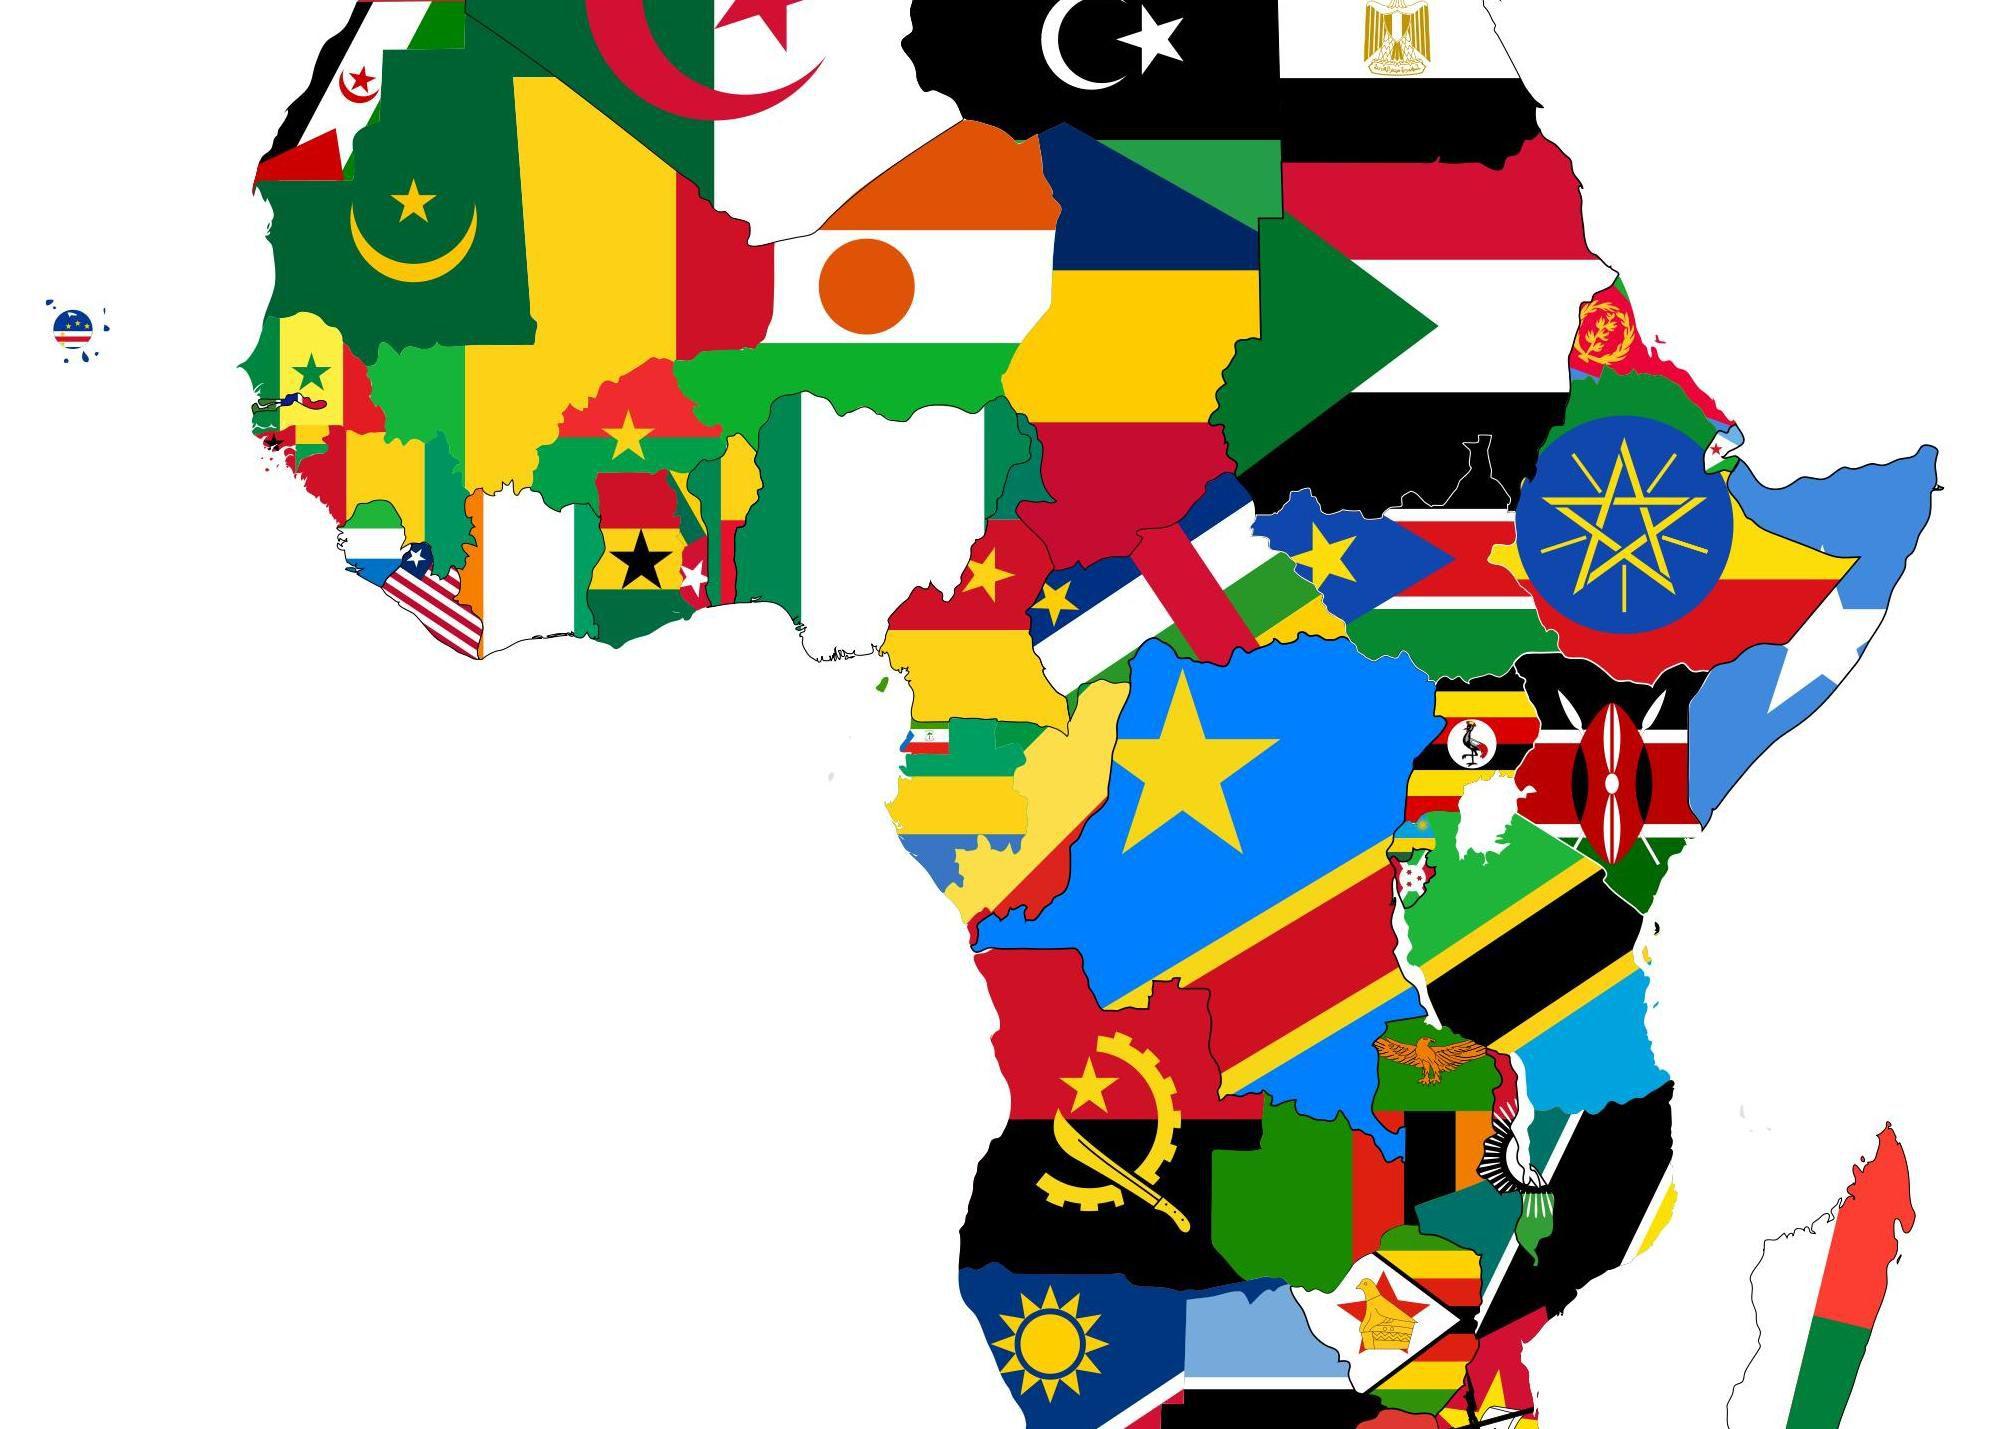 اكبر دولة افريقية مساحة واكبرها بعدد السكان africa.jpg